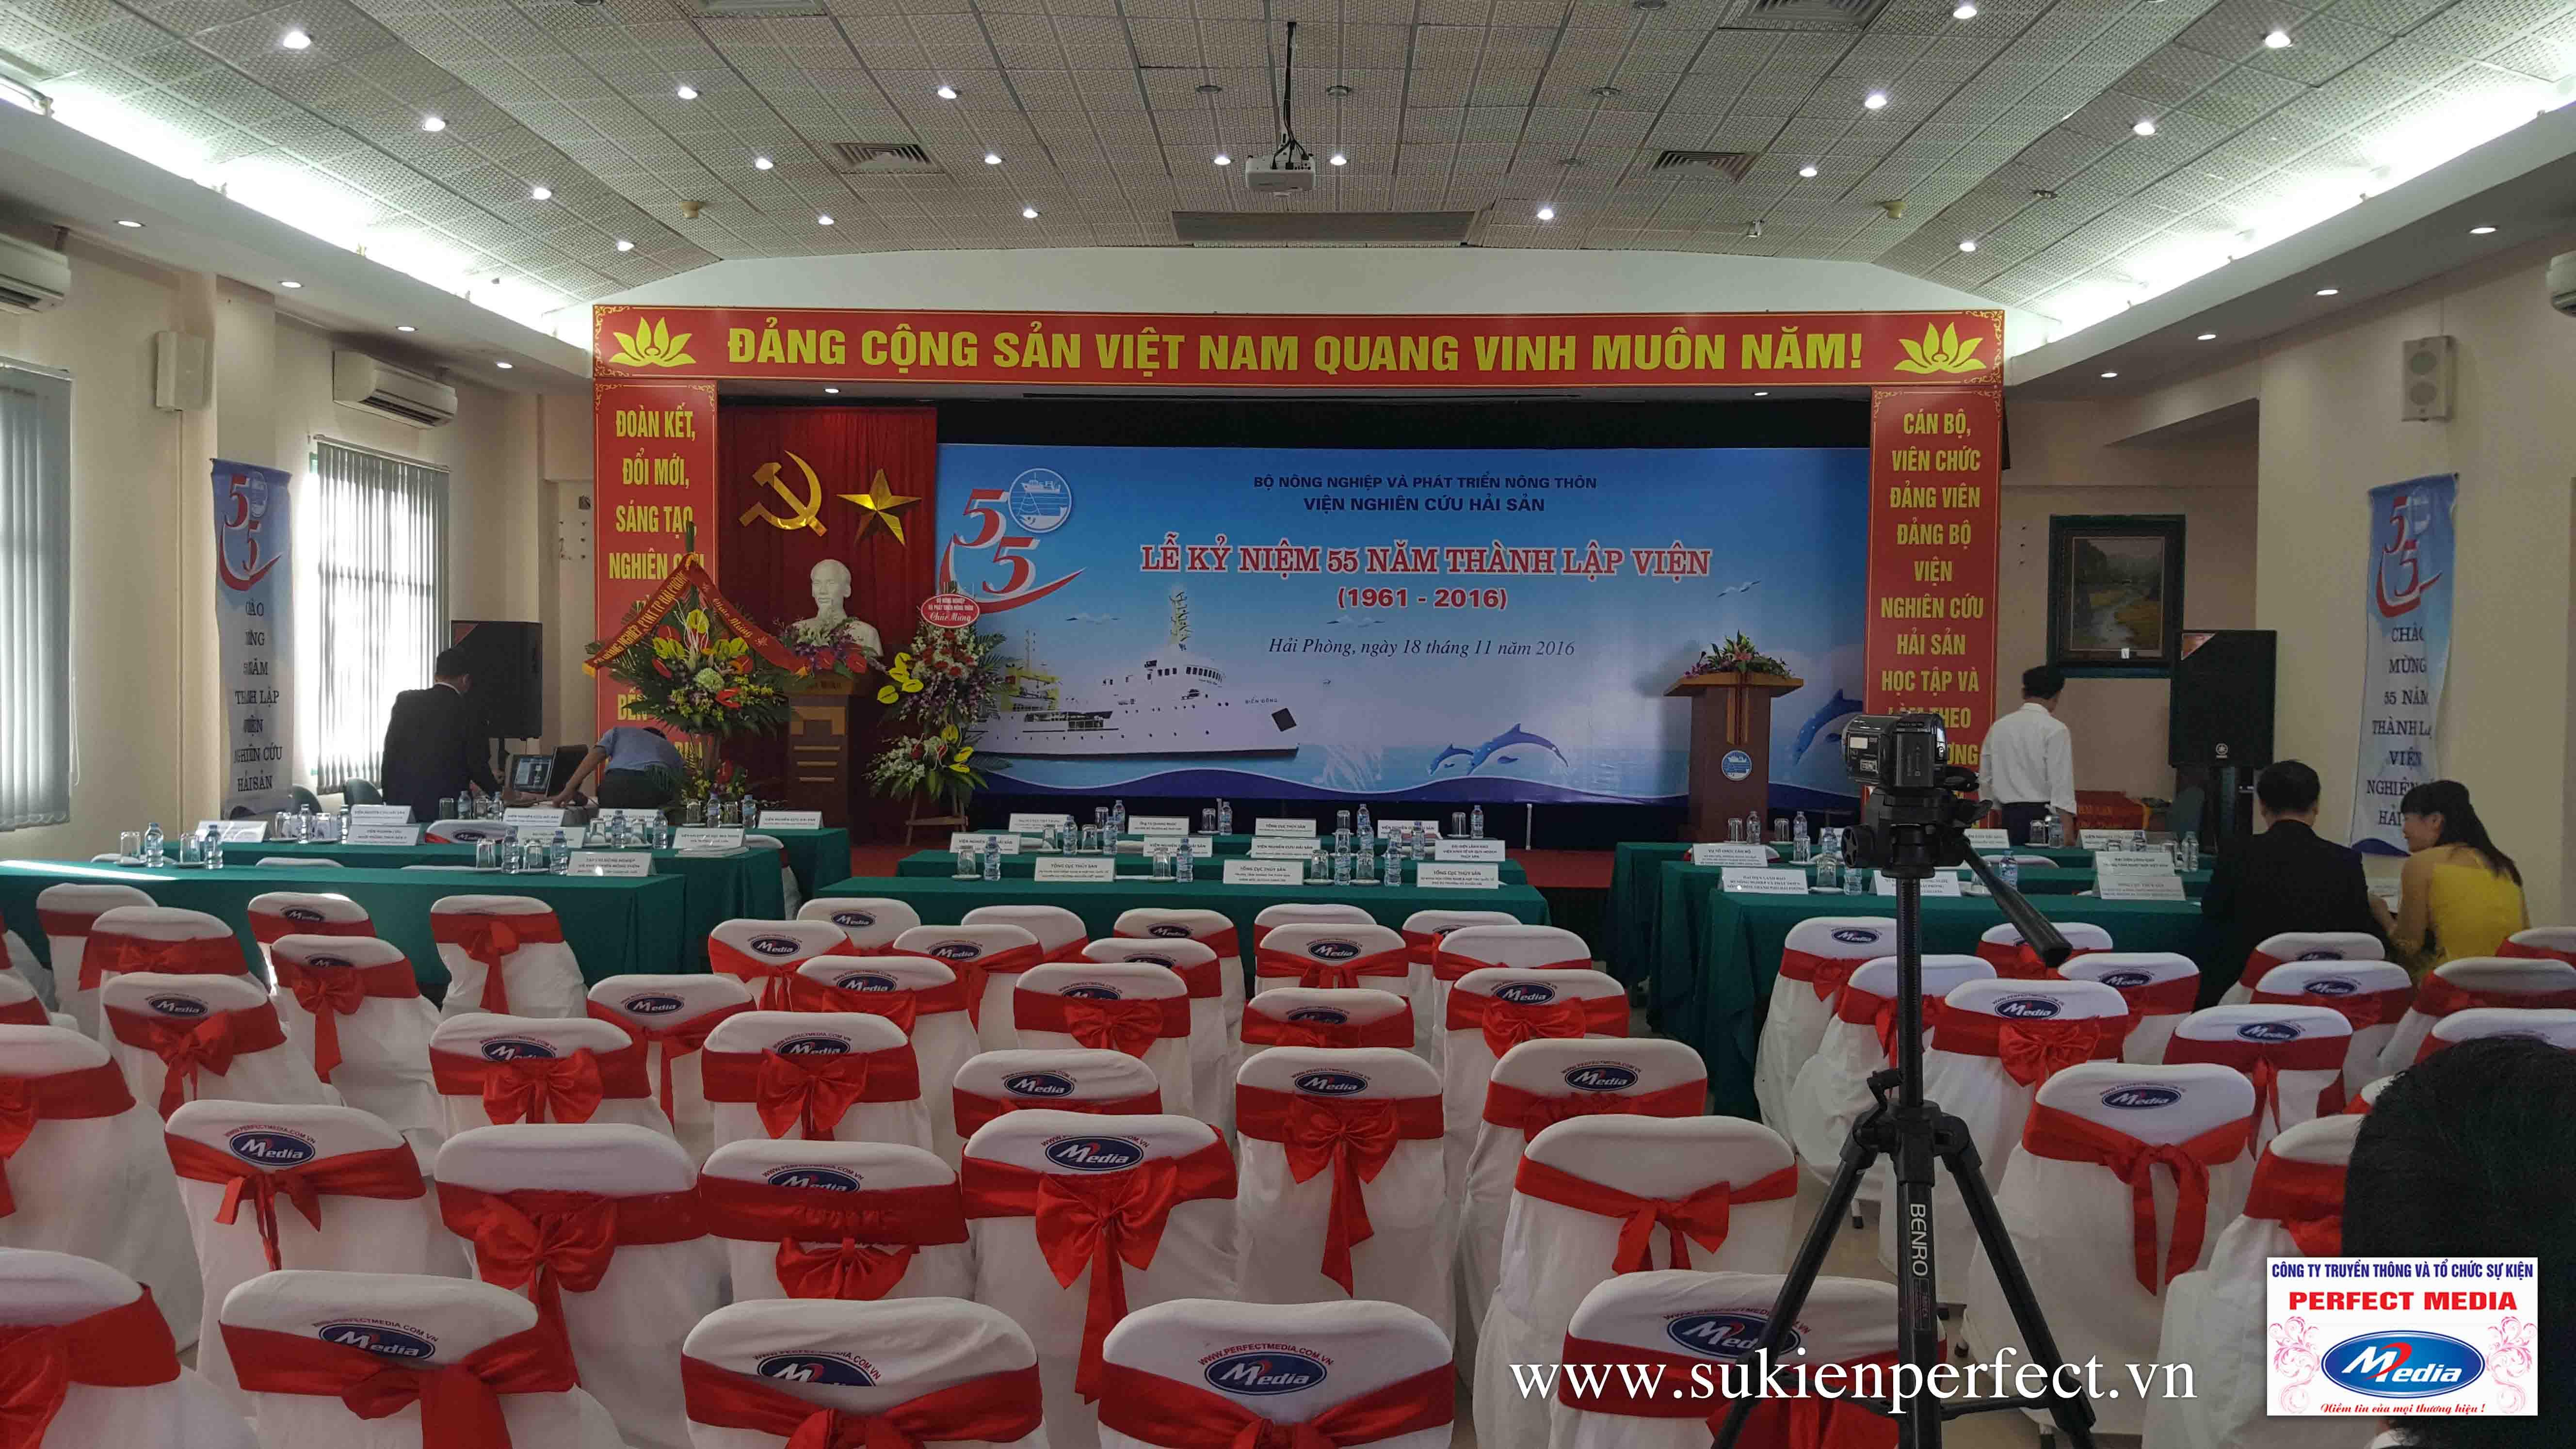 Các dãy ghế banquet có khăn phủ trắng và thắt nơ đỏ sang trọng phục vụ cho sự kiện